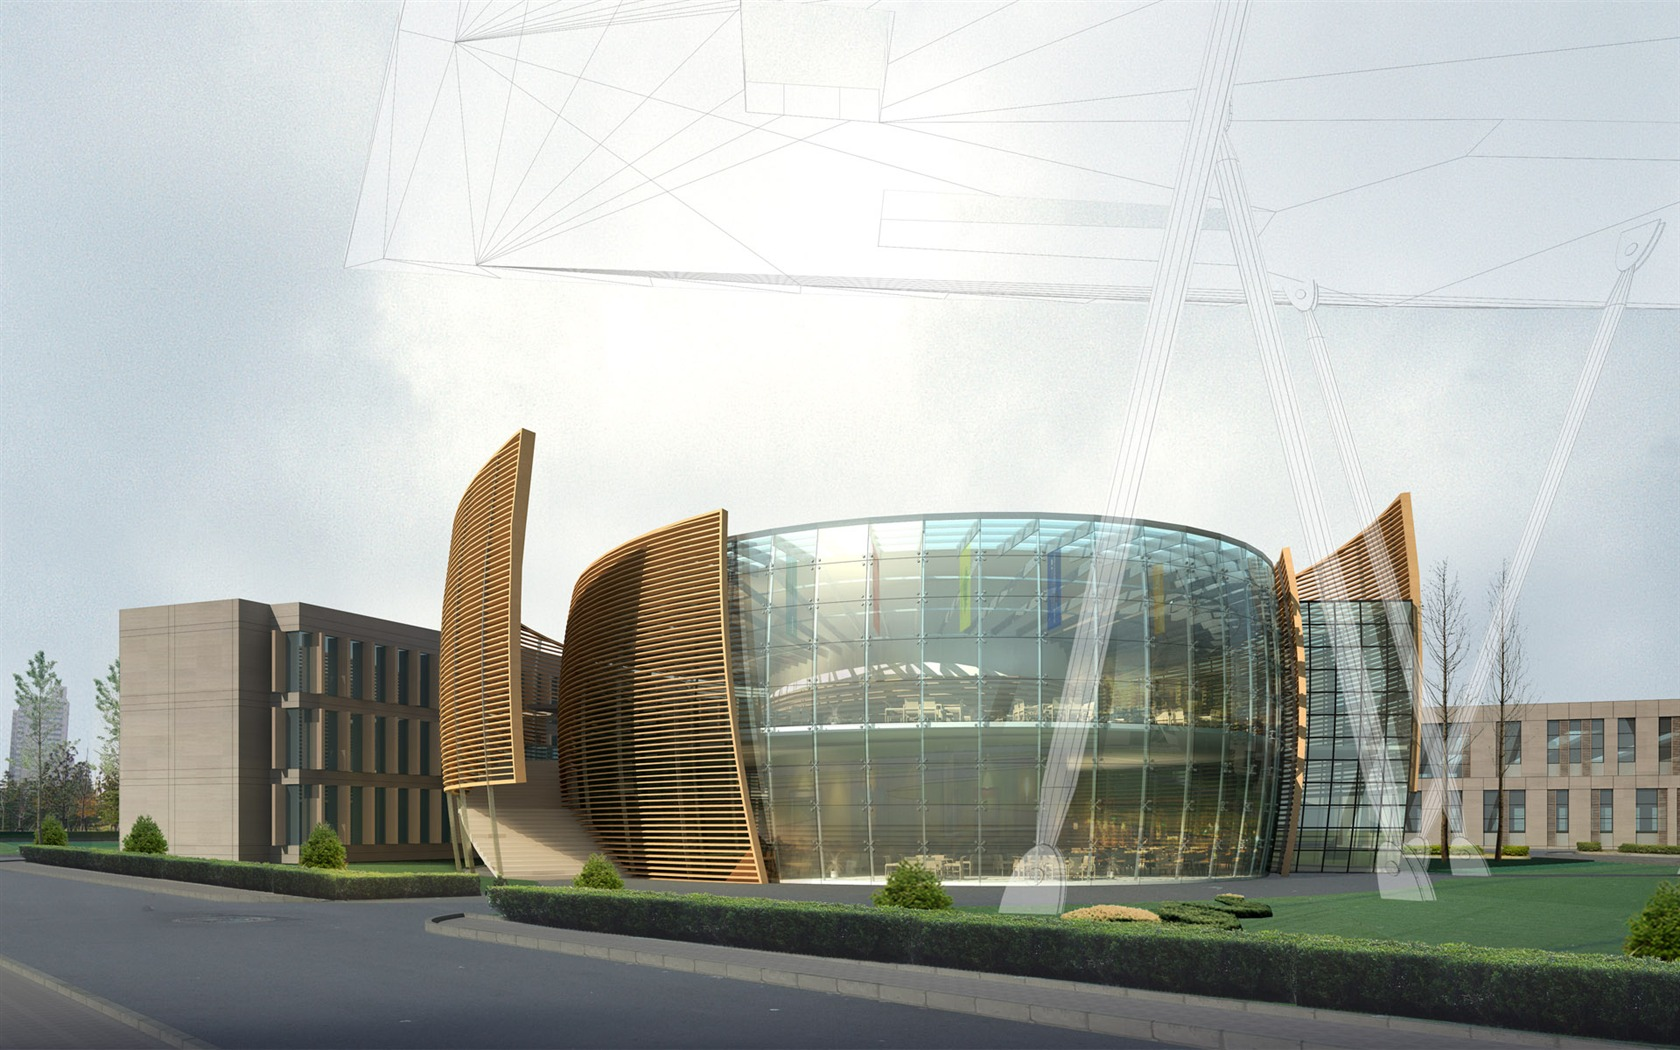 Efectos de la arquitectura y el jard n fondos de for Arquitectura definicion